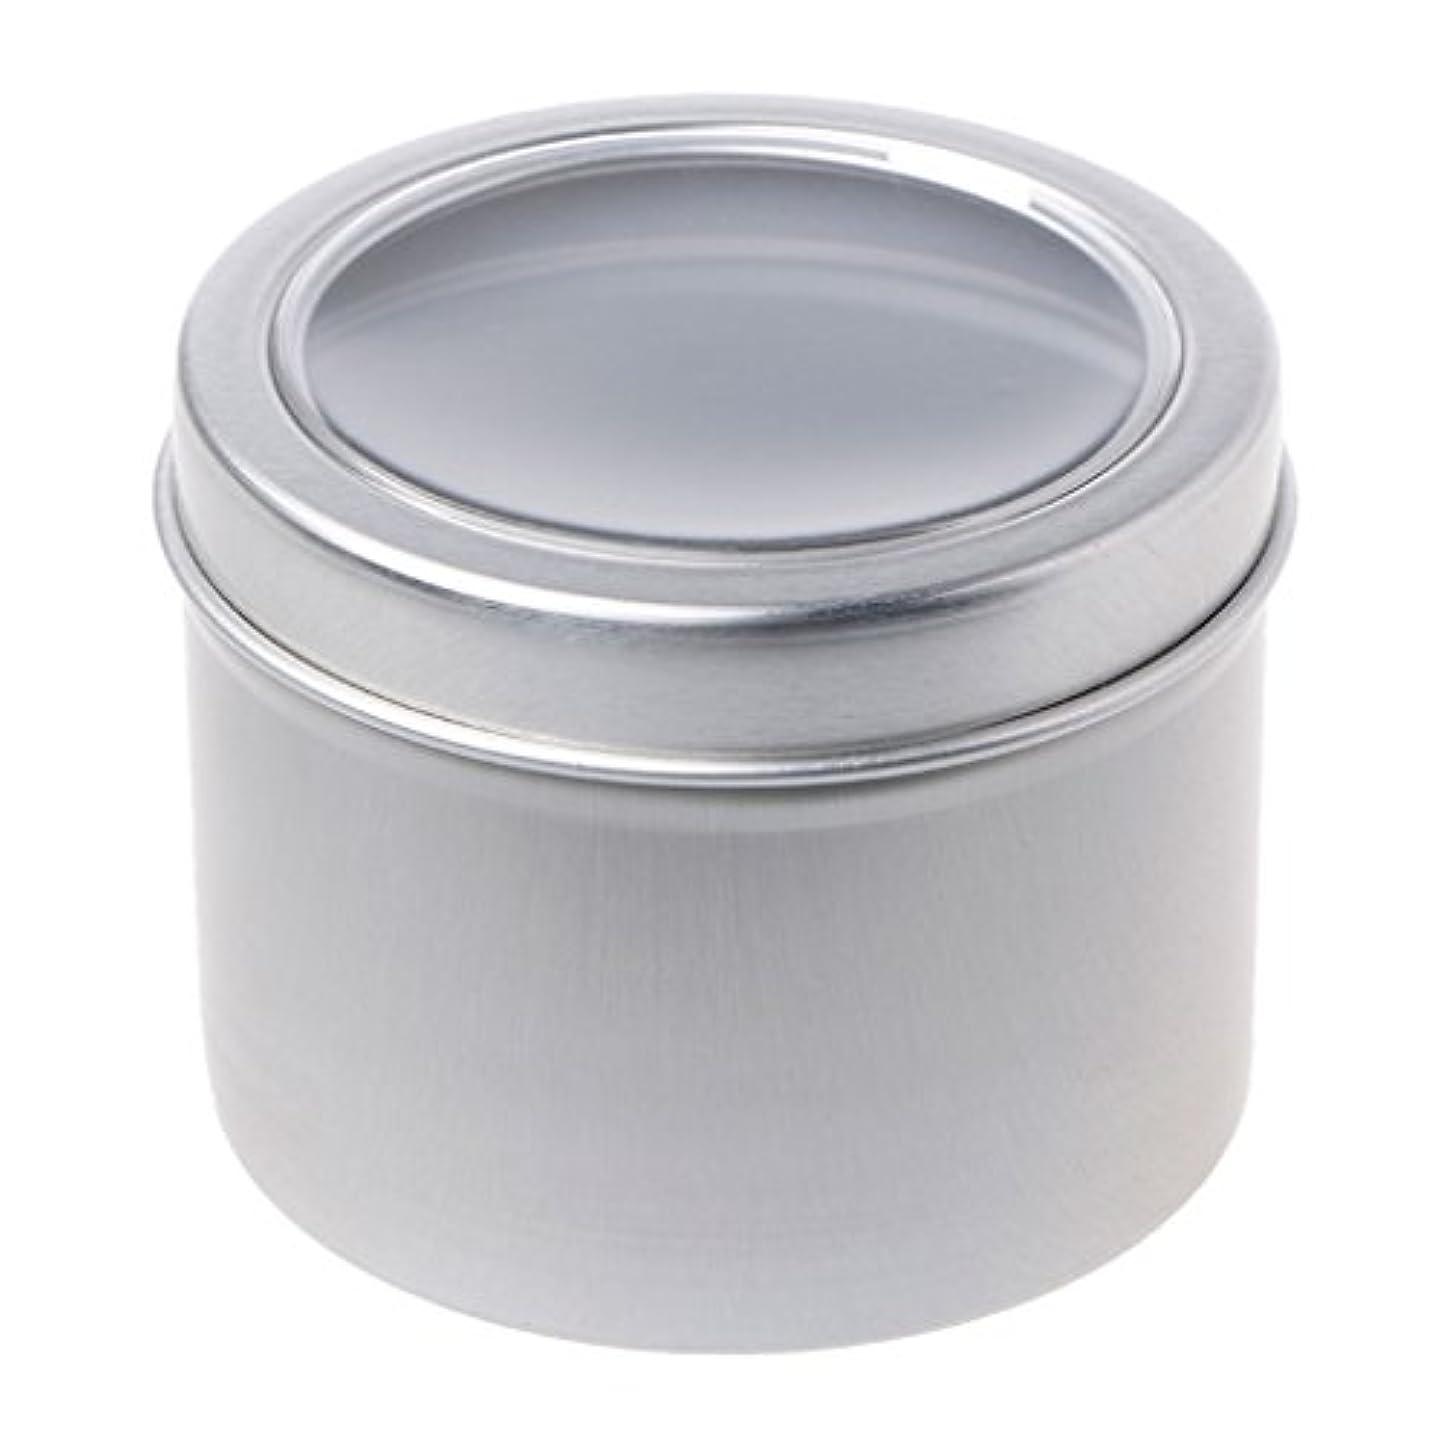 淡い改修するパトワSimpleLife 60mlラウンドスティンケースコンテナ、蓋が空のクリアウィンドウスイング、蓋付き、スモールガジェット、DIYリップバーム - スパイスケース、アルミ容器ボックス/ミニポケットサイズの缶